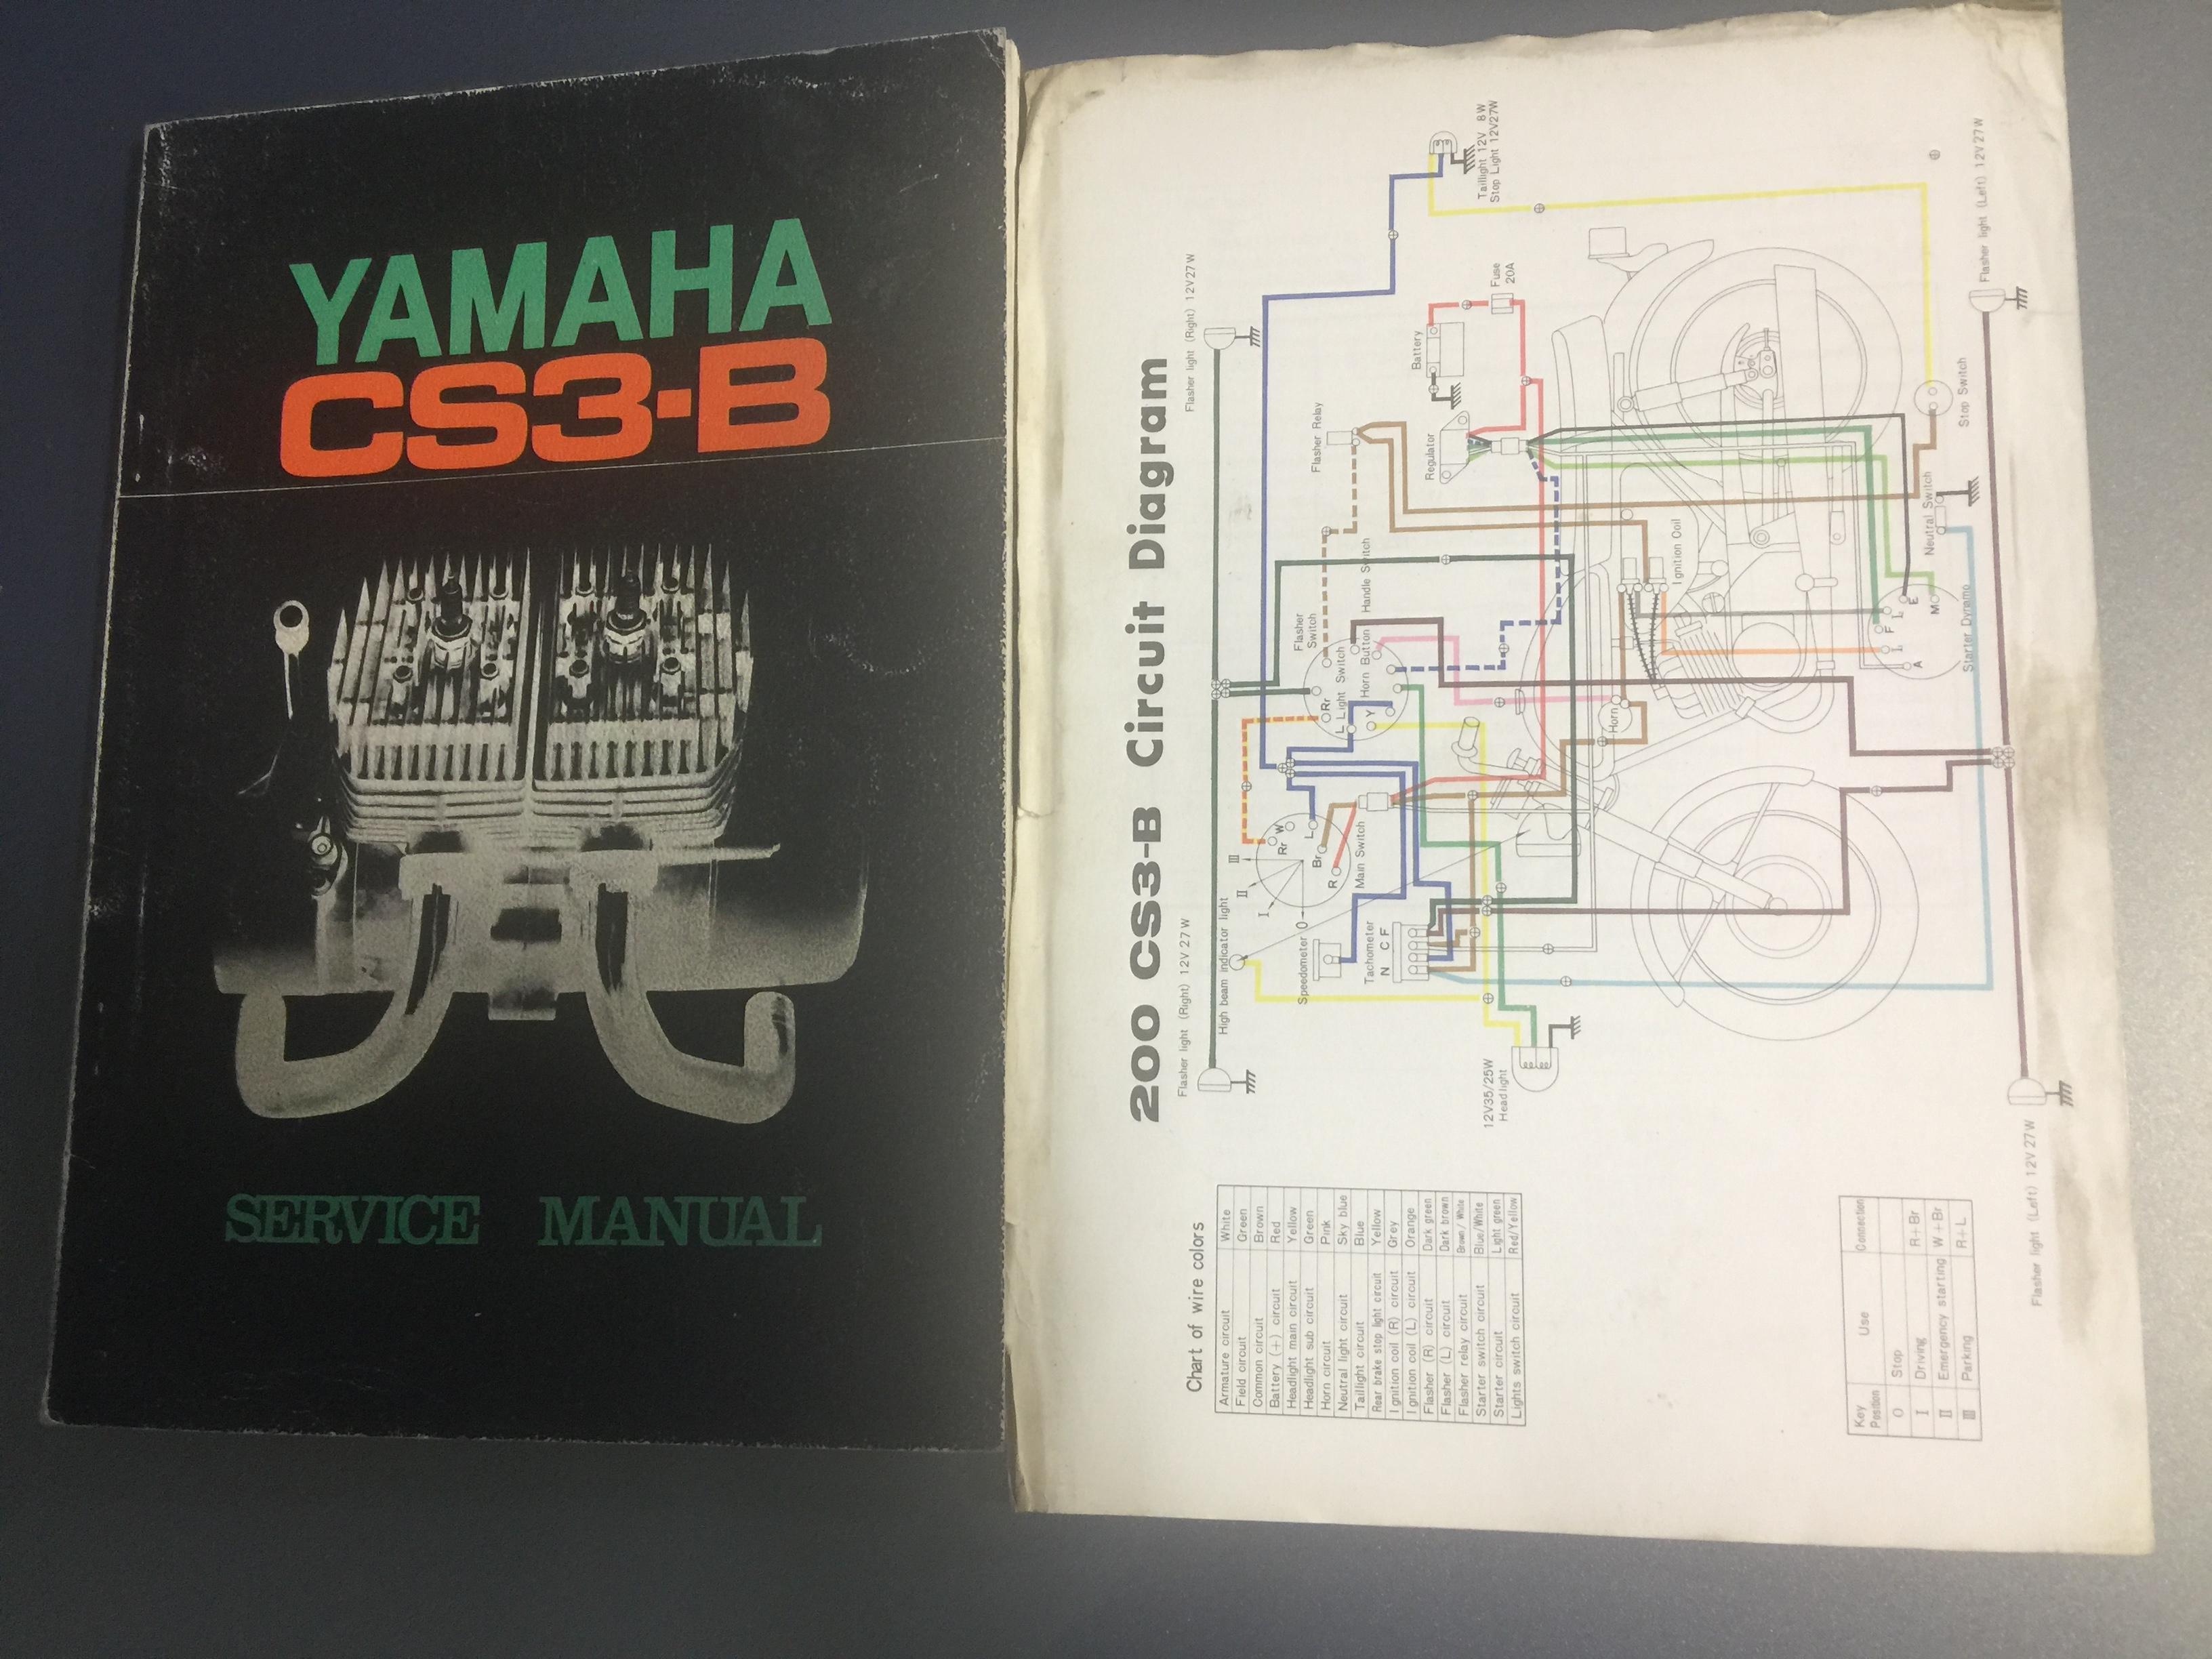 yamaha cs3 b service manual , pre owned yamaha cs3 wiring diagram yamaha cs3 wiring diagram #1